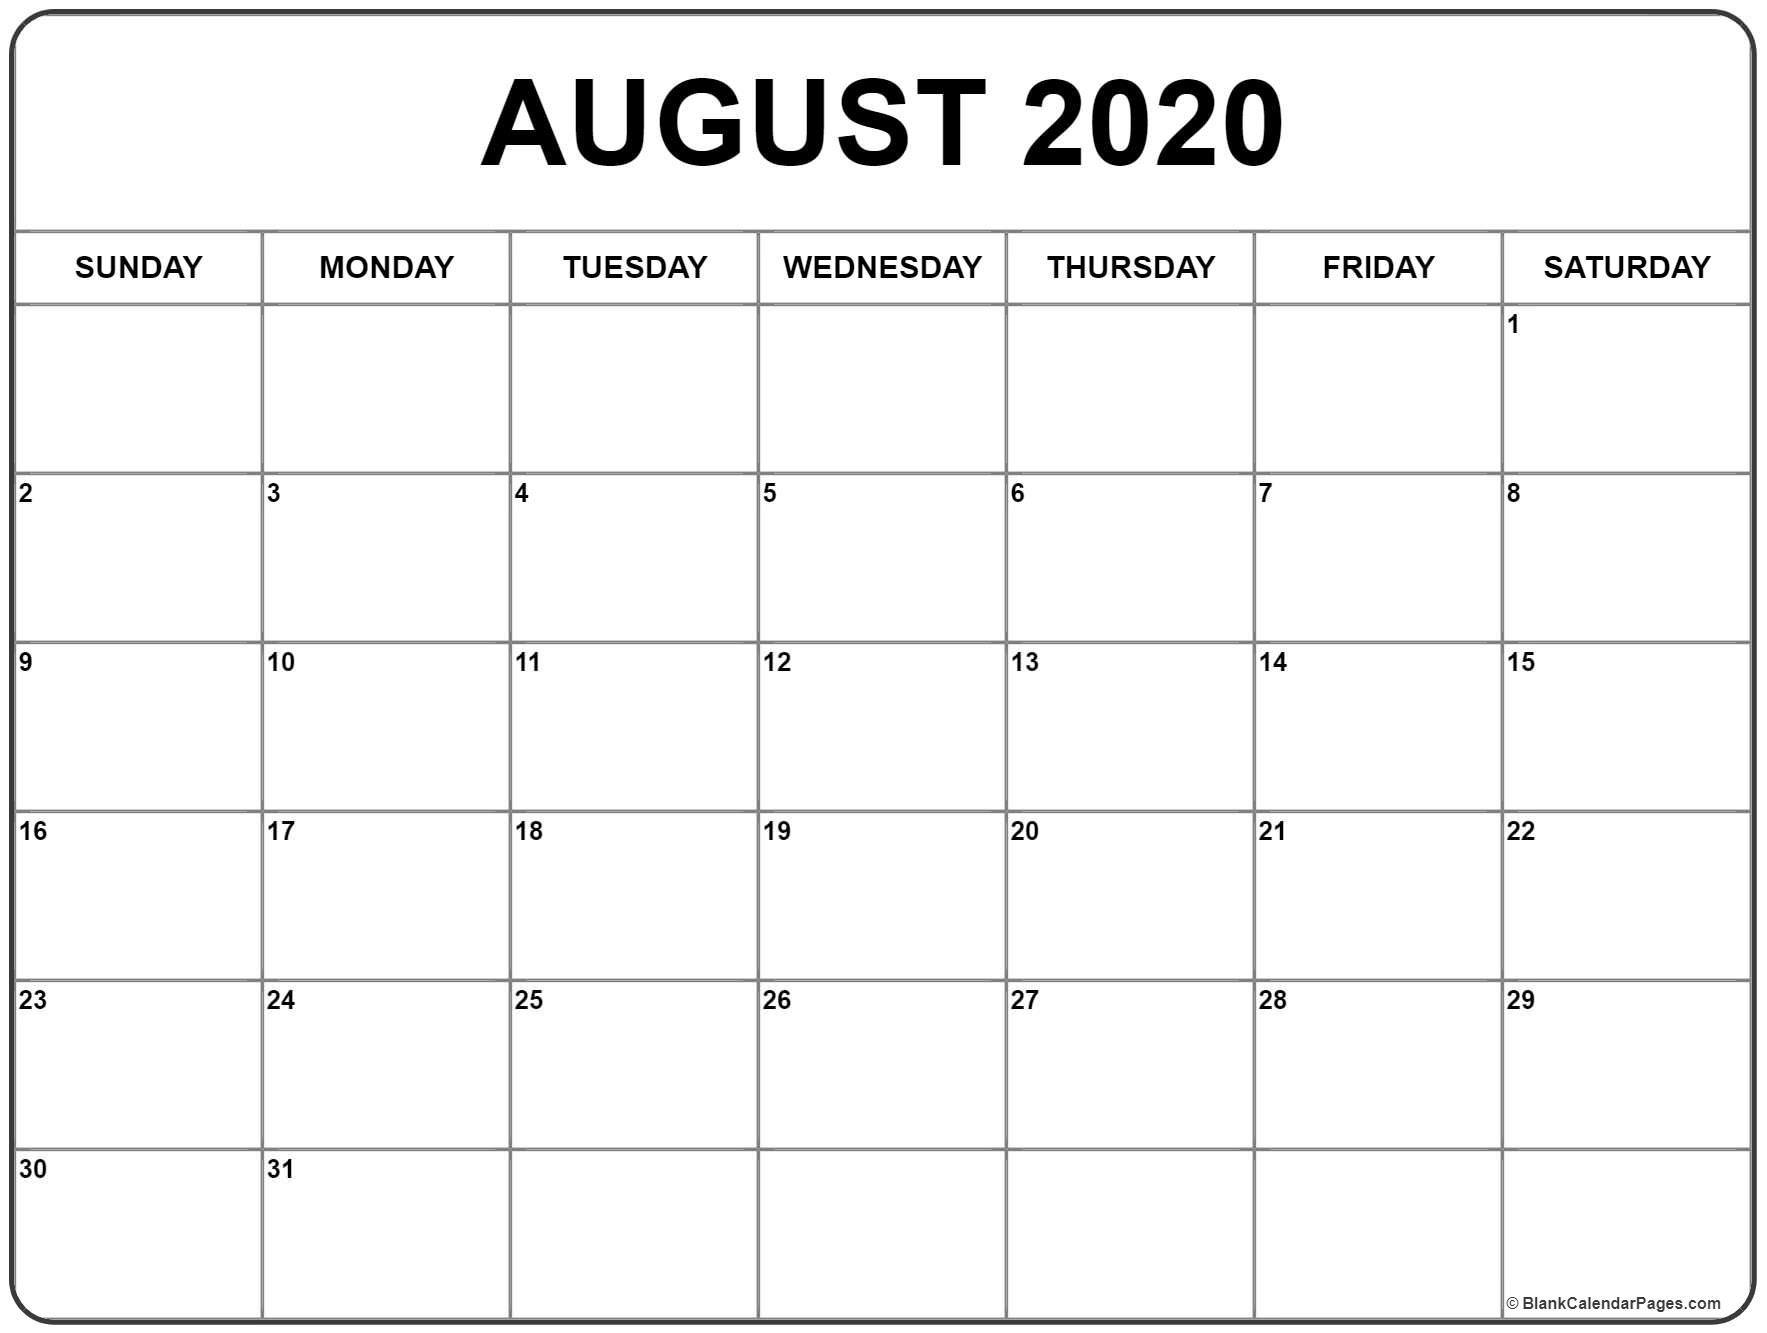 August 2020 Calendar . August 2020 Calendar Printableaugust with August 2020 Calendar Printable